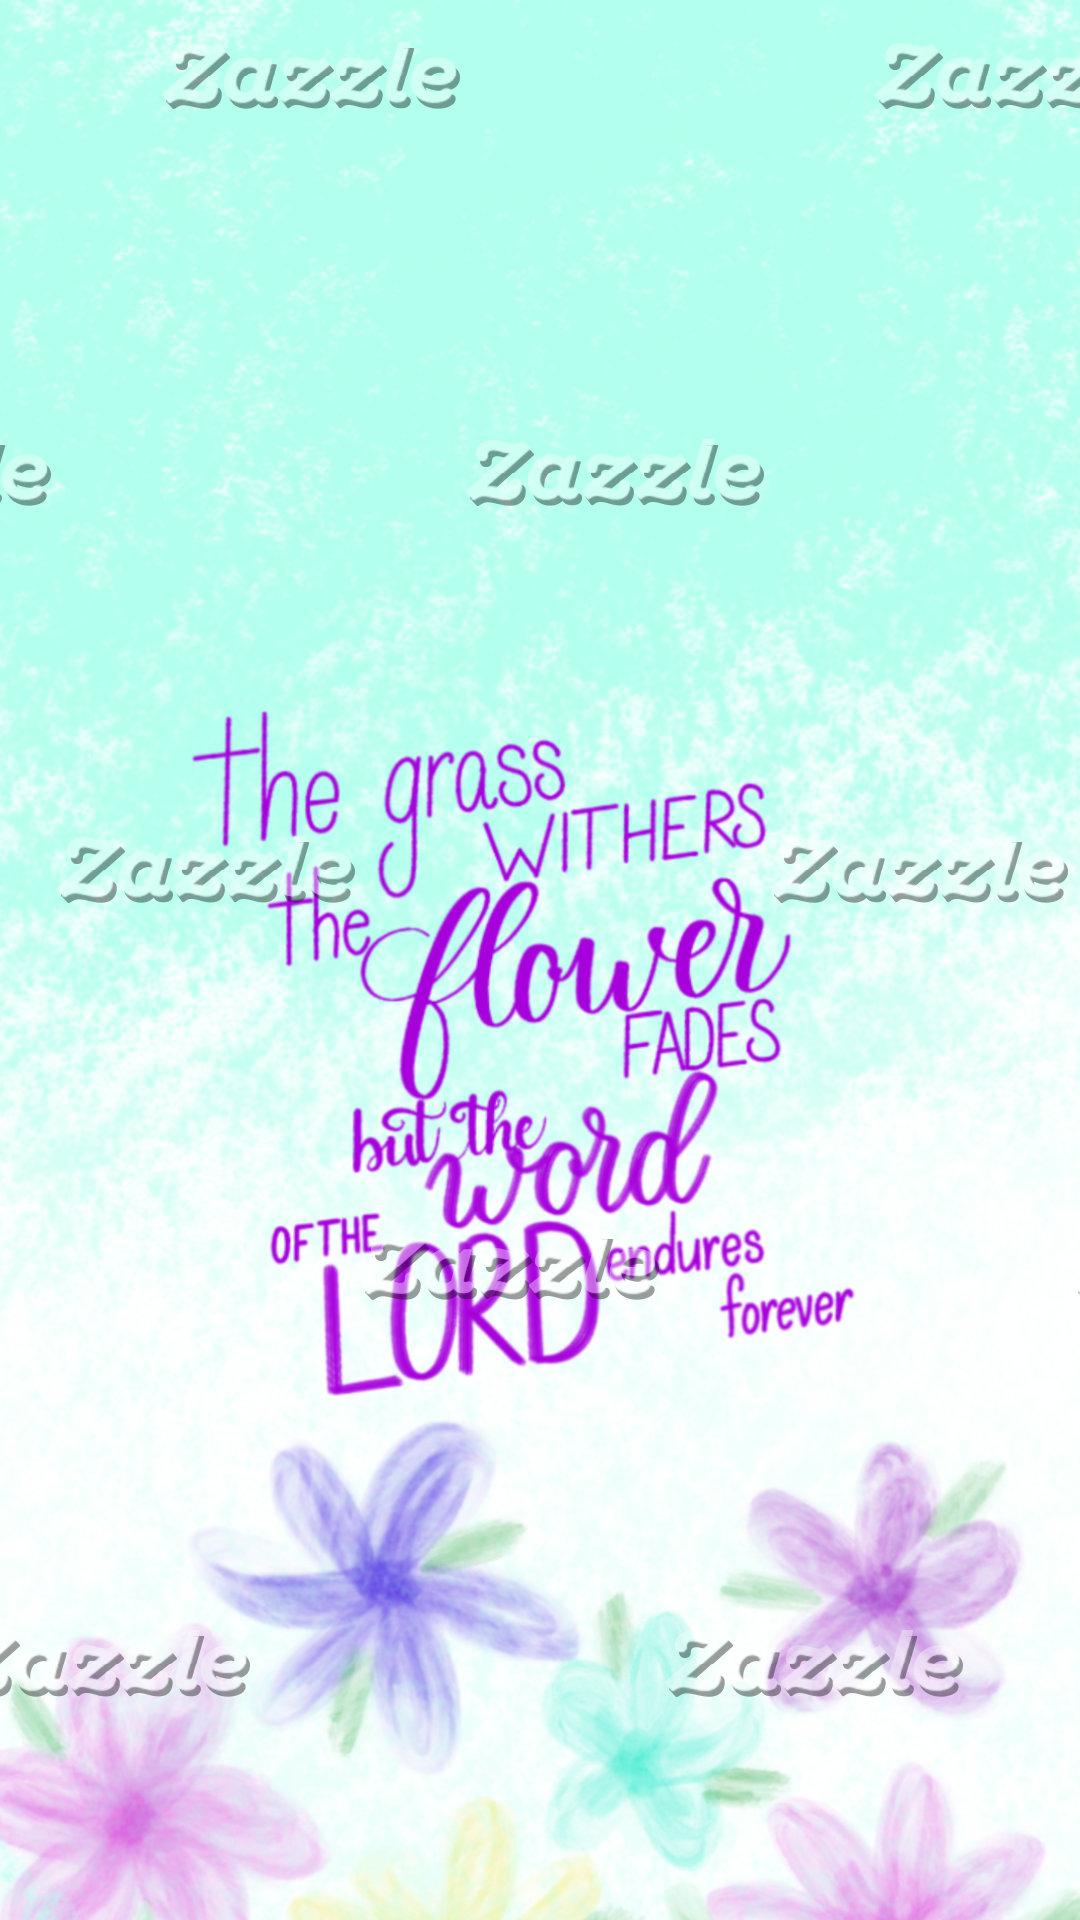 Scripture Verses/Quotes